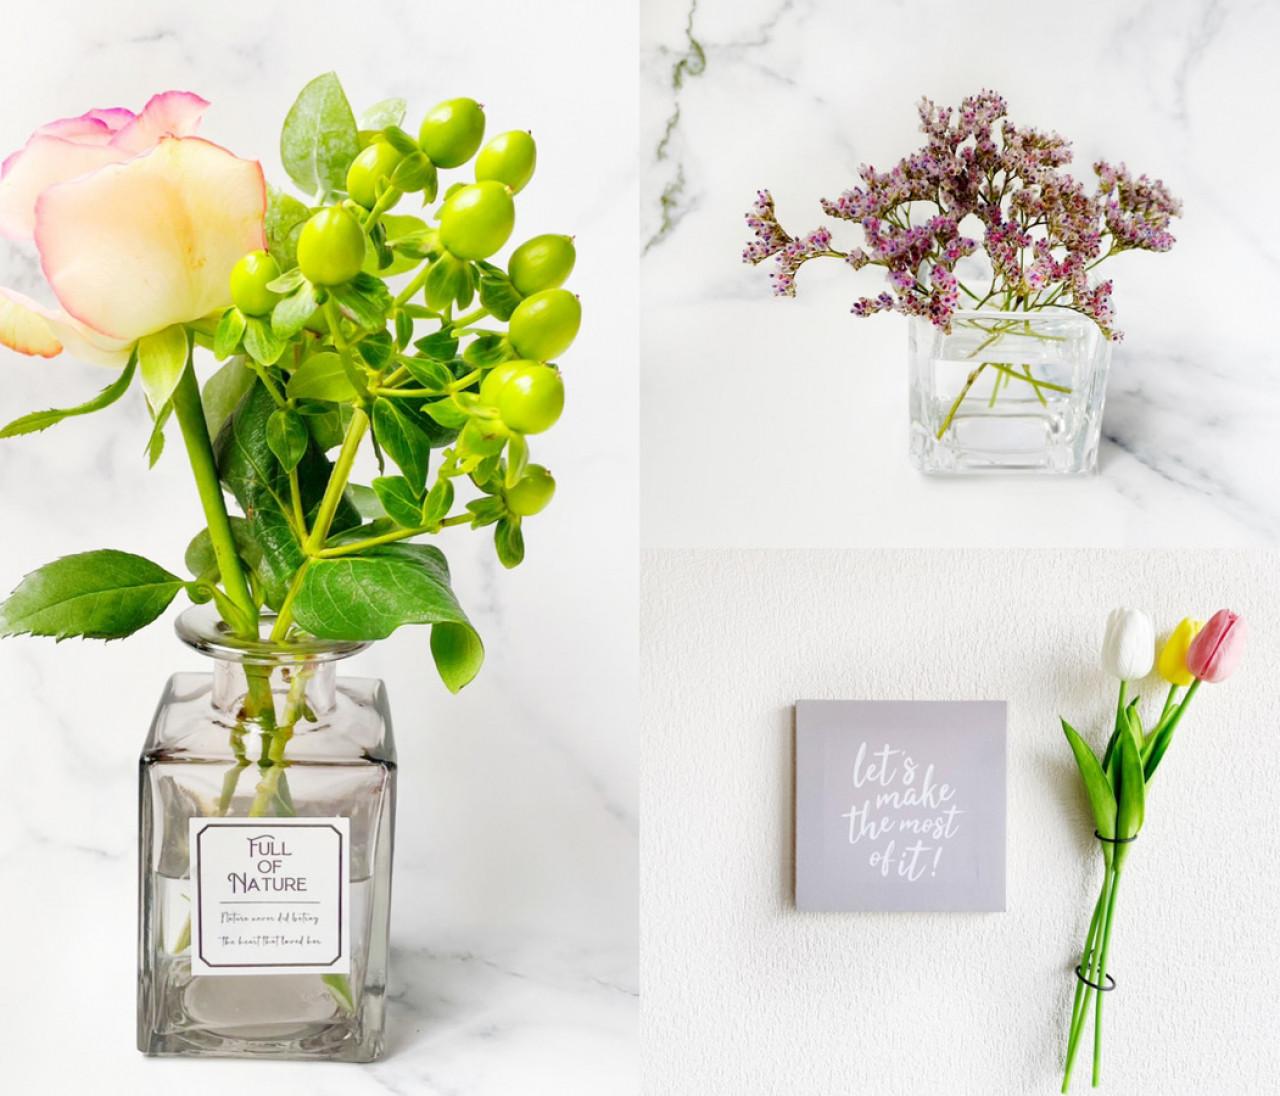 【セリア】花瓶がじつはおしゃれで使える!テーブル映え&壁映え&花瓶以外のアレンジも!